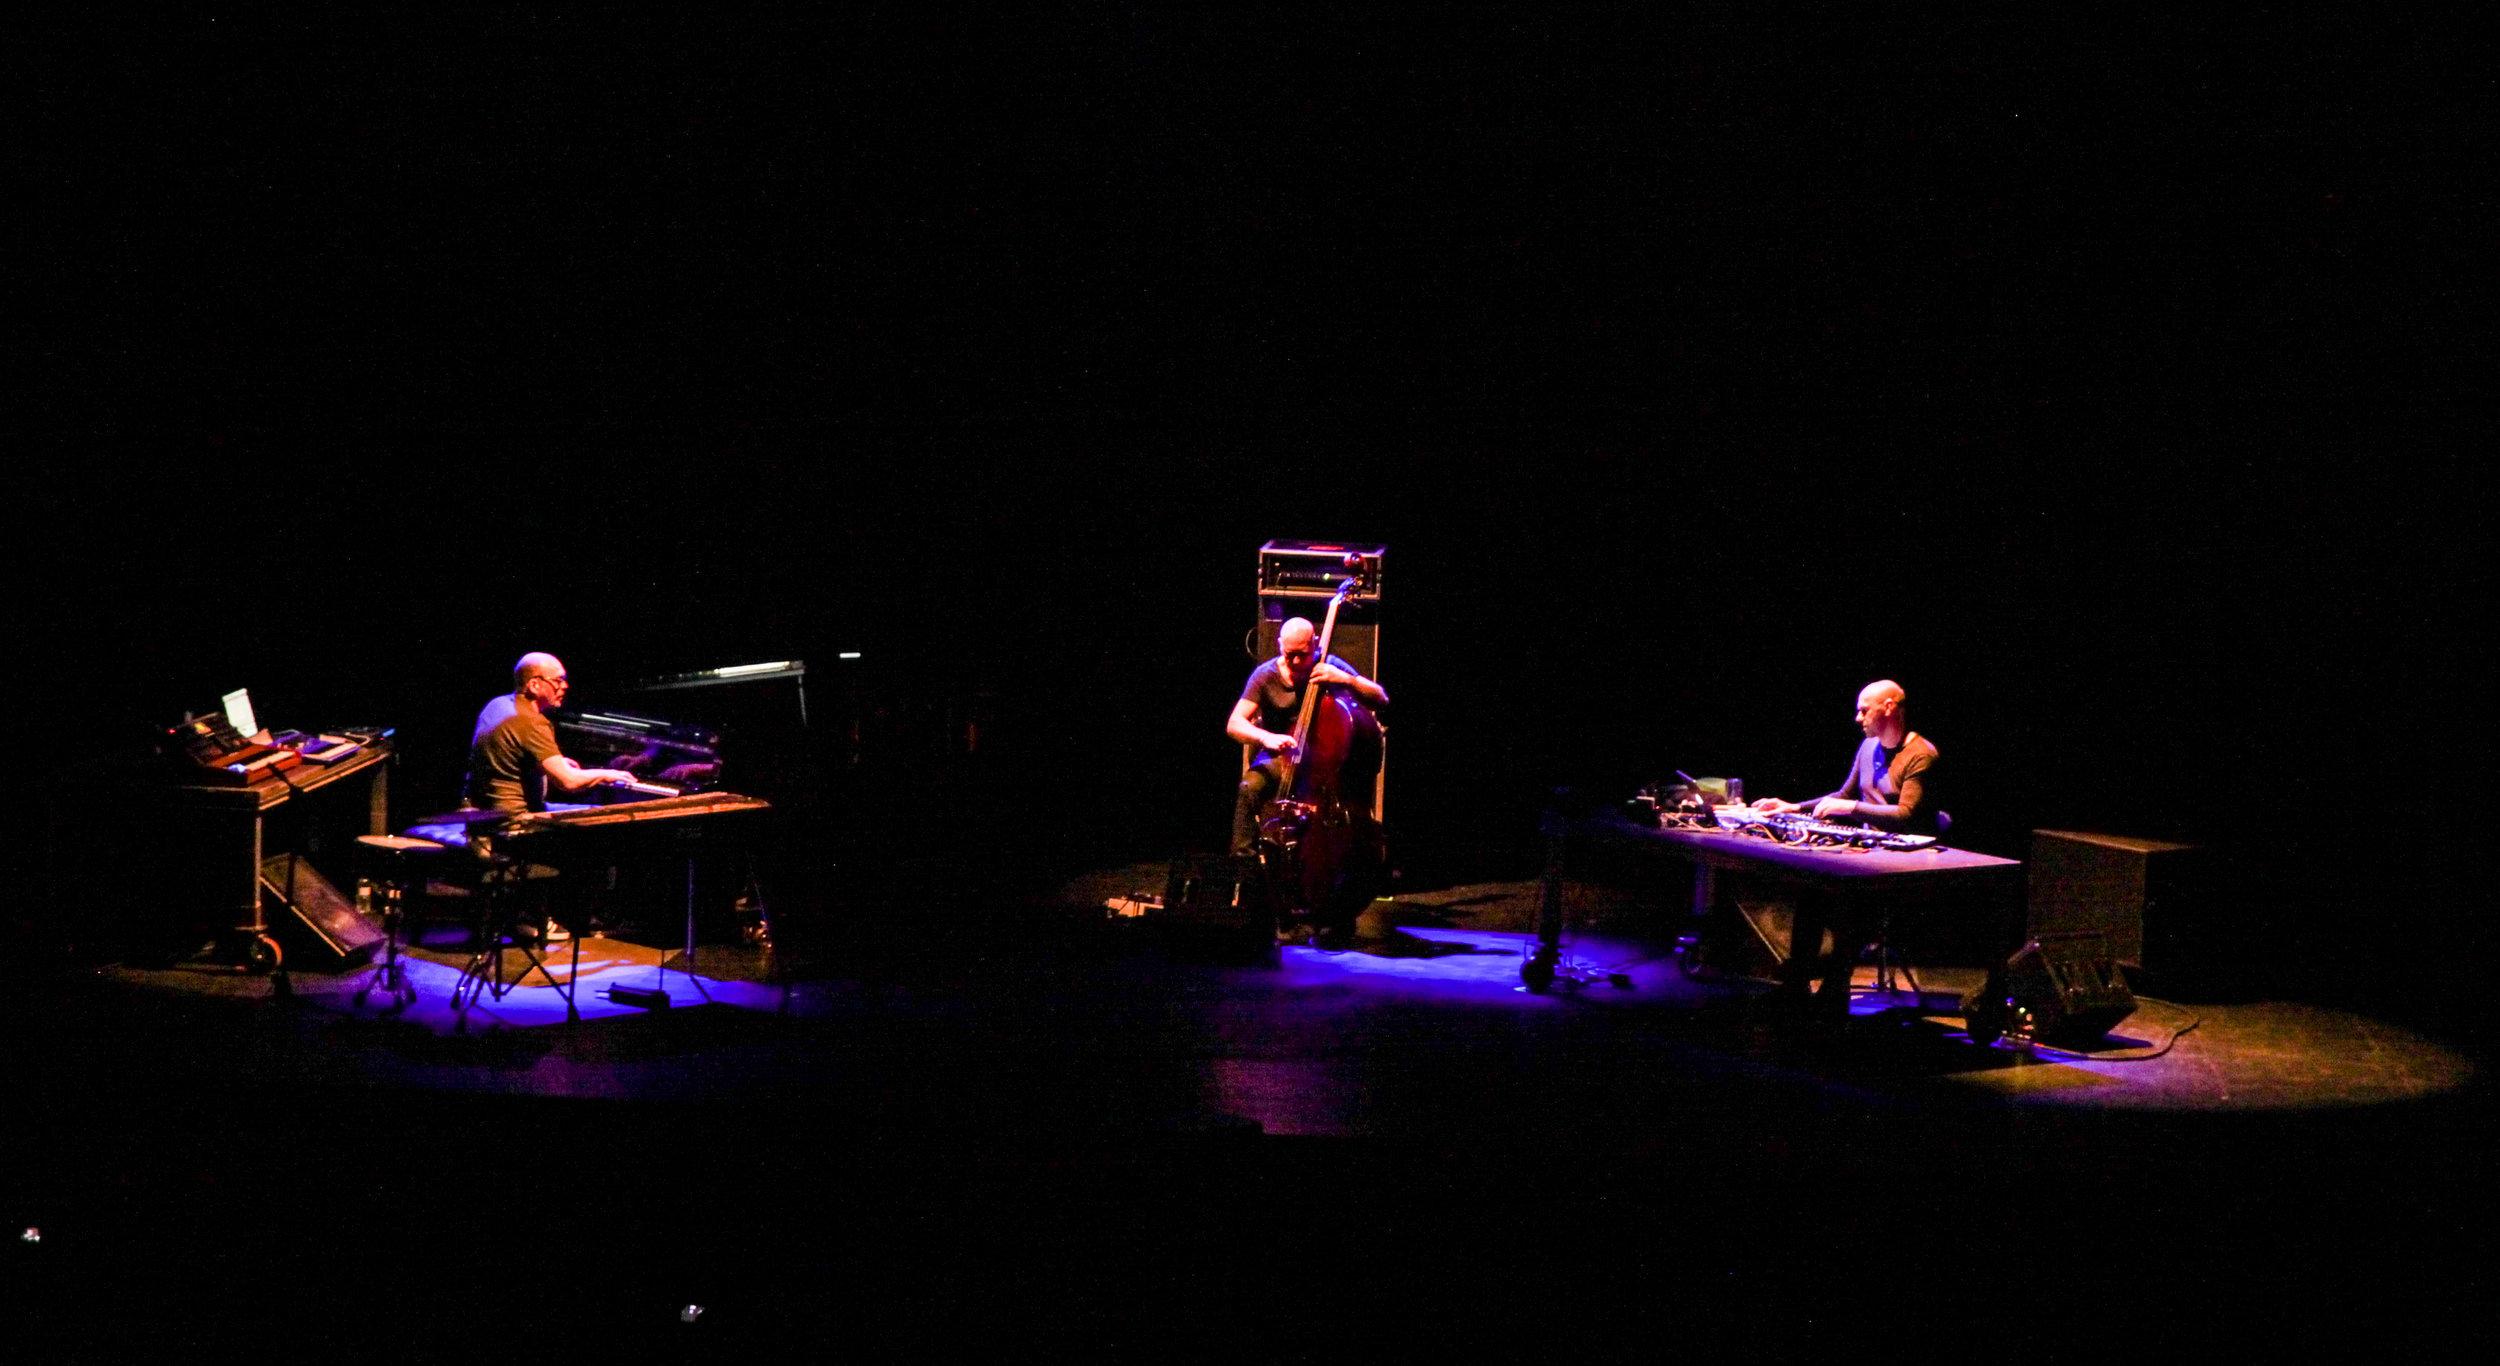 TRIALOGUE (Bugge Wesseltoft, Henrik Schwarz & Dan Berglund). Pic by Marta Vilardell. Lágrimas by Vanity Dust & friends.